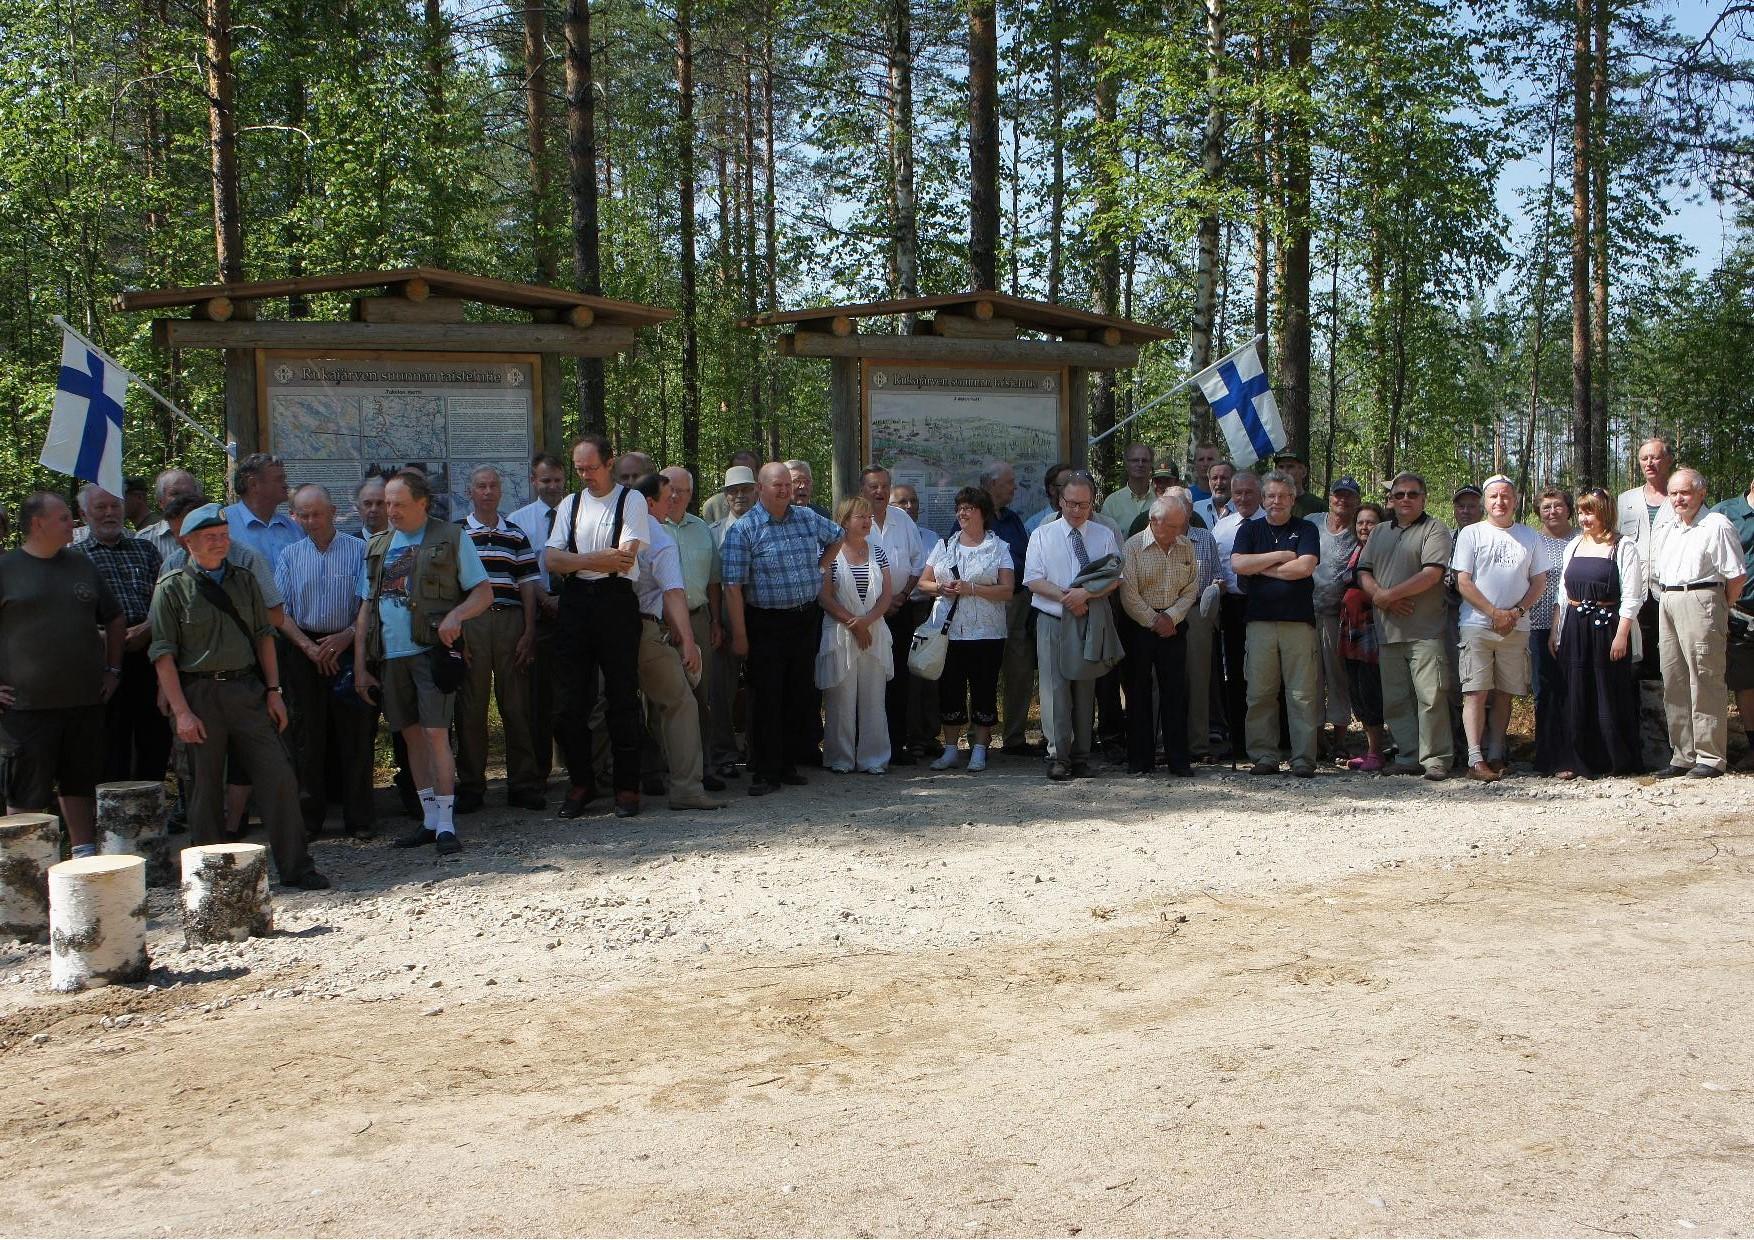 Rukajärven tie nimettiin Jukolan Motissa 2.7.2011 pidetyssä juhlassa. Juhlaan osallistui n. 100 henkilöä.